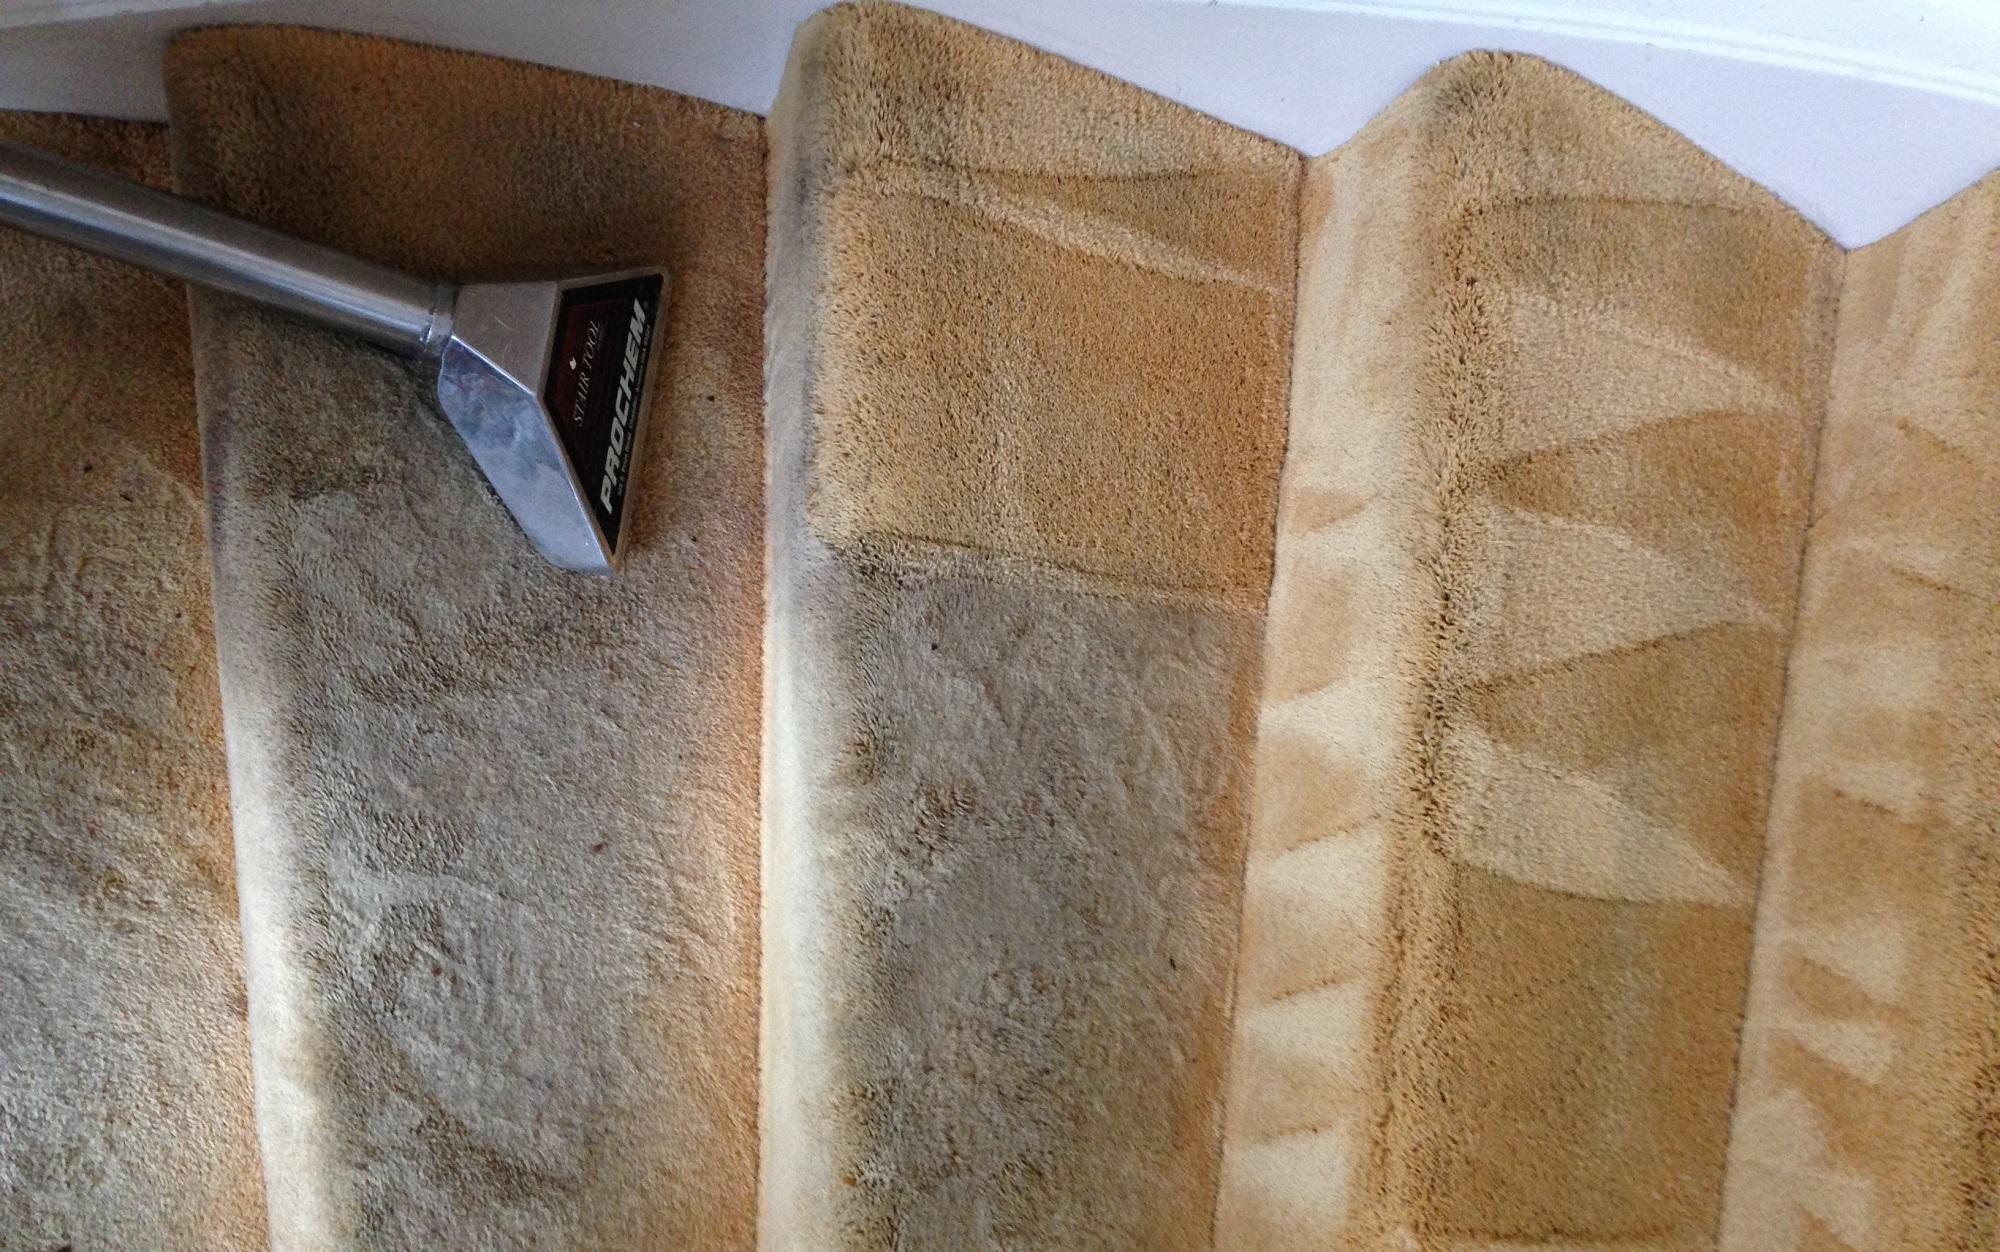 Tapijt Reinigen Prijzen : Iron man tapijt en vloerkleed reinigen bussum